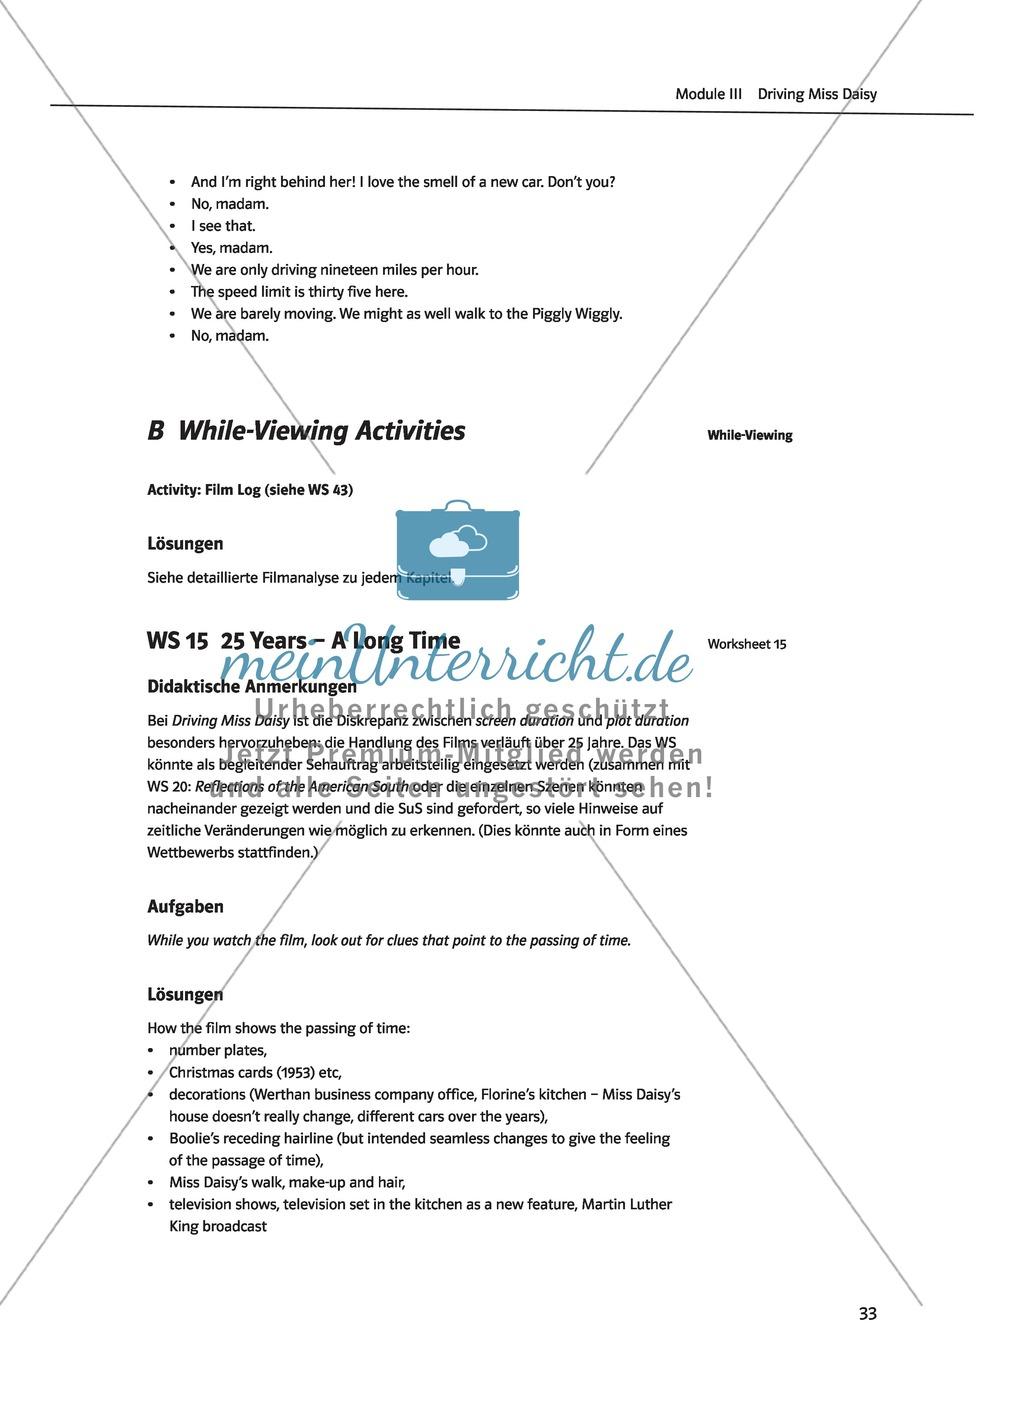 Driving Miss Daisy: Lernziele + Inhalt + Arbeitsblätter + Klausur + Lösungen Preview 15